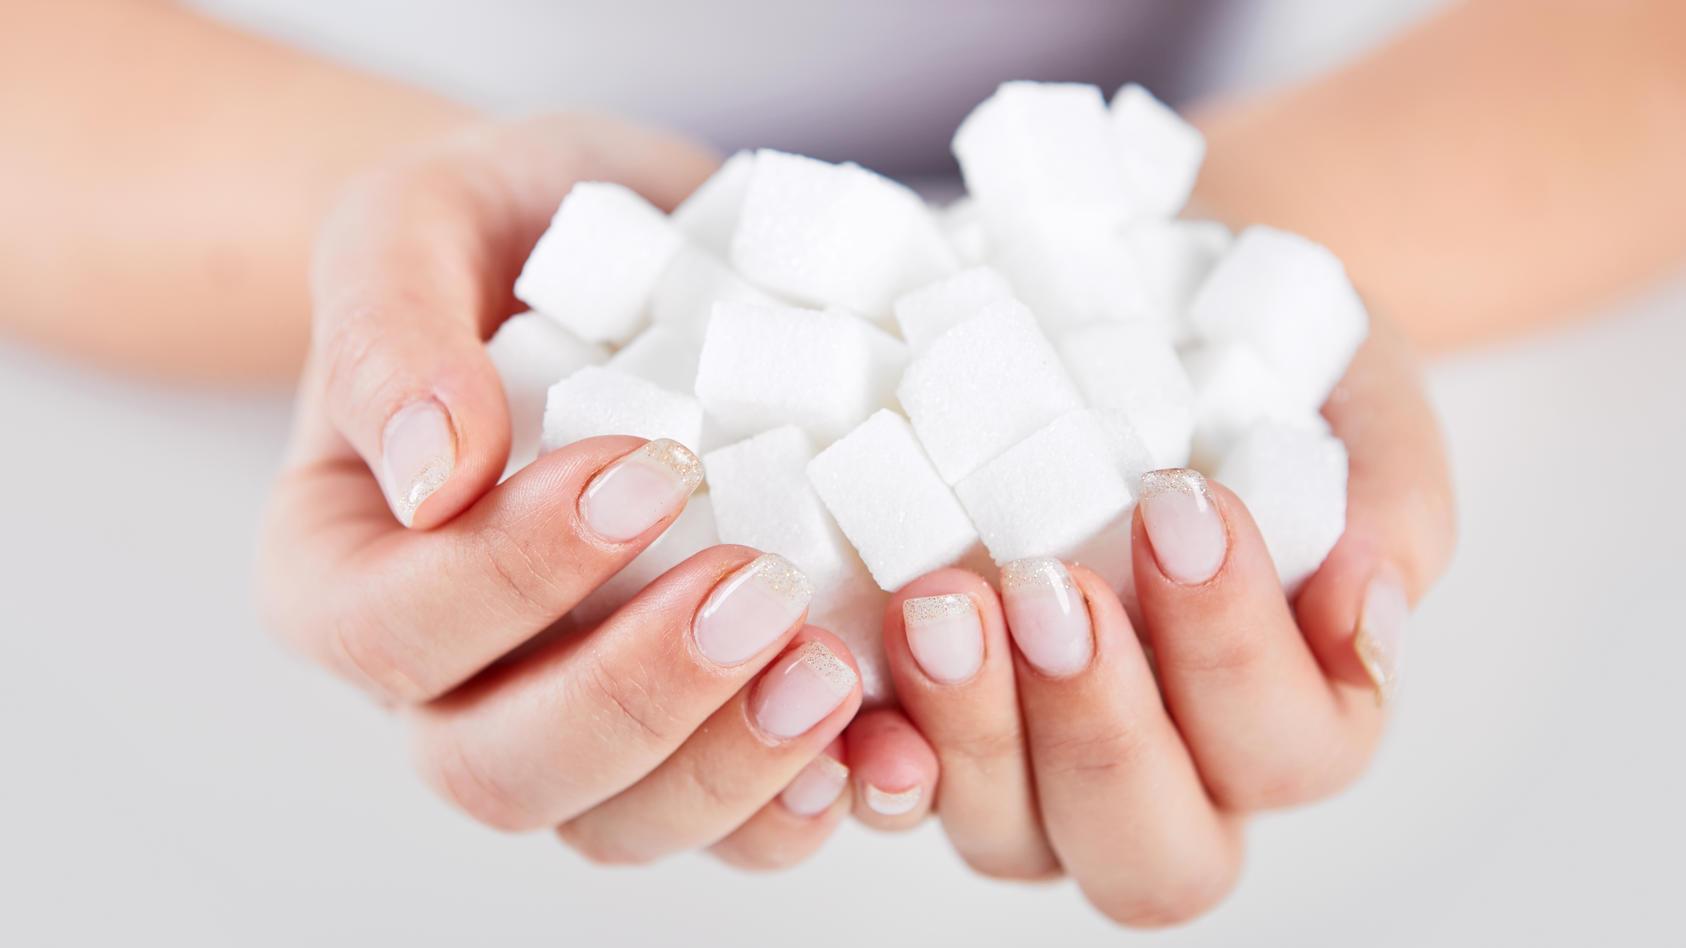 Auf Zucker im Alltag ganz verzichten? Gar nicht so leicht! Doch mit ein paar Tipps können wir unsere tägliche Zuckerzufuhr auf jeden Fall deutlich verringern!